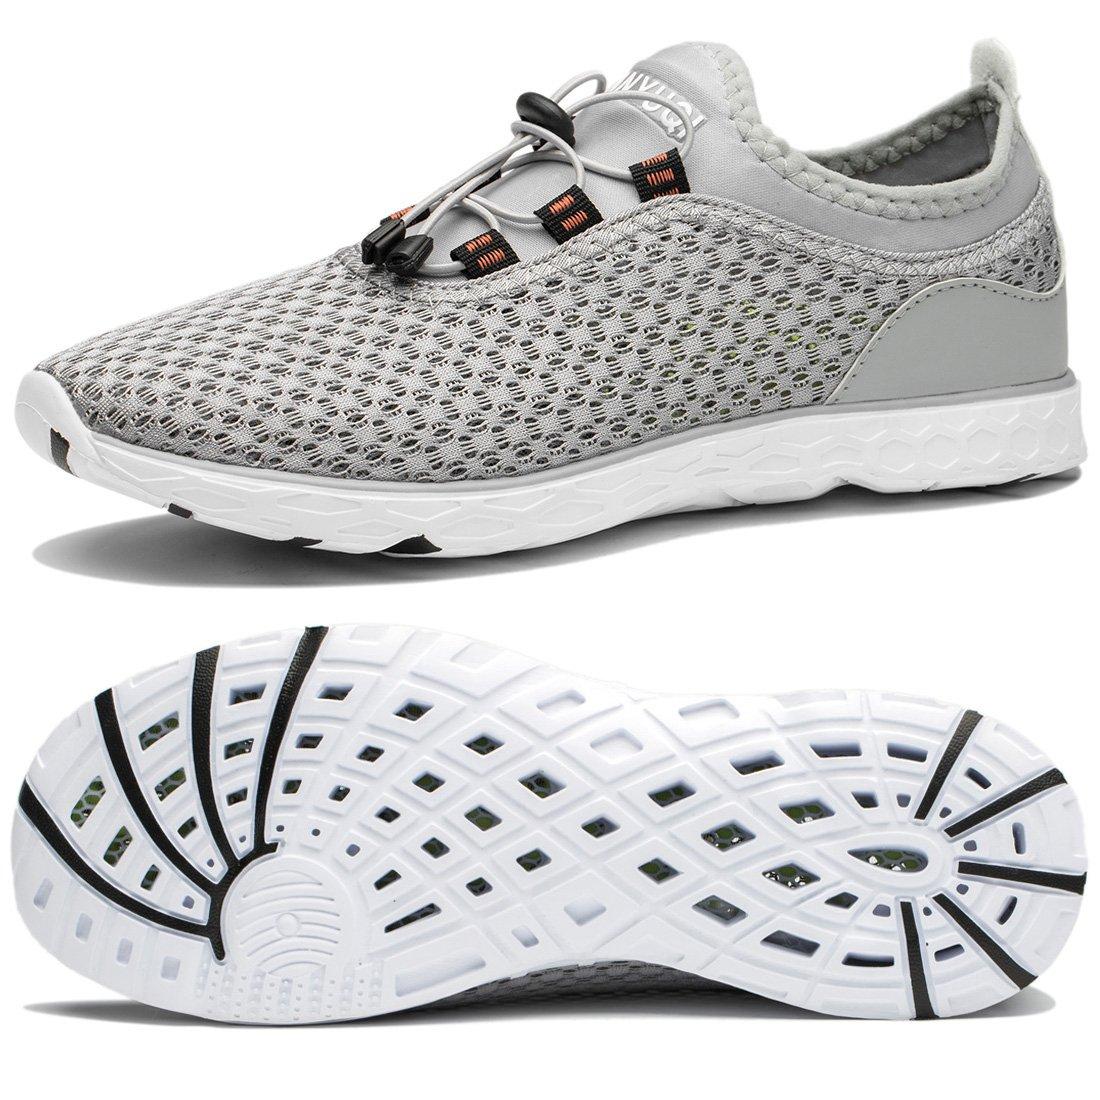 TIANYUQI Women's Mesh Slip On Water Shoes B073TDGGJ6 42EU/11US|Gray